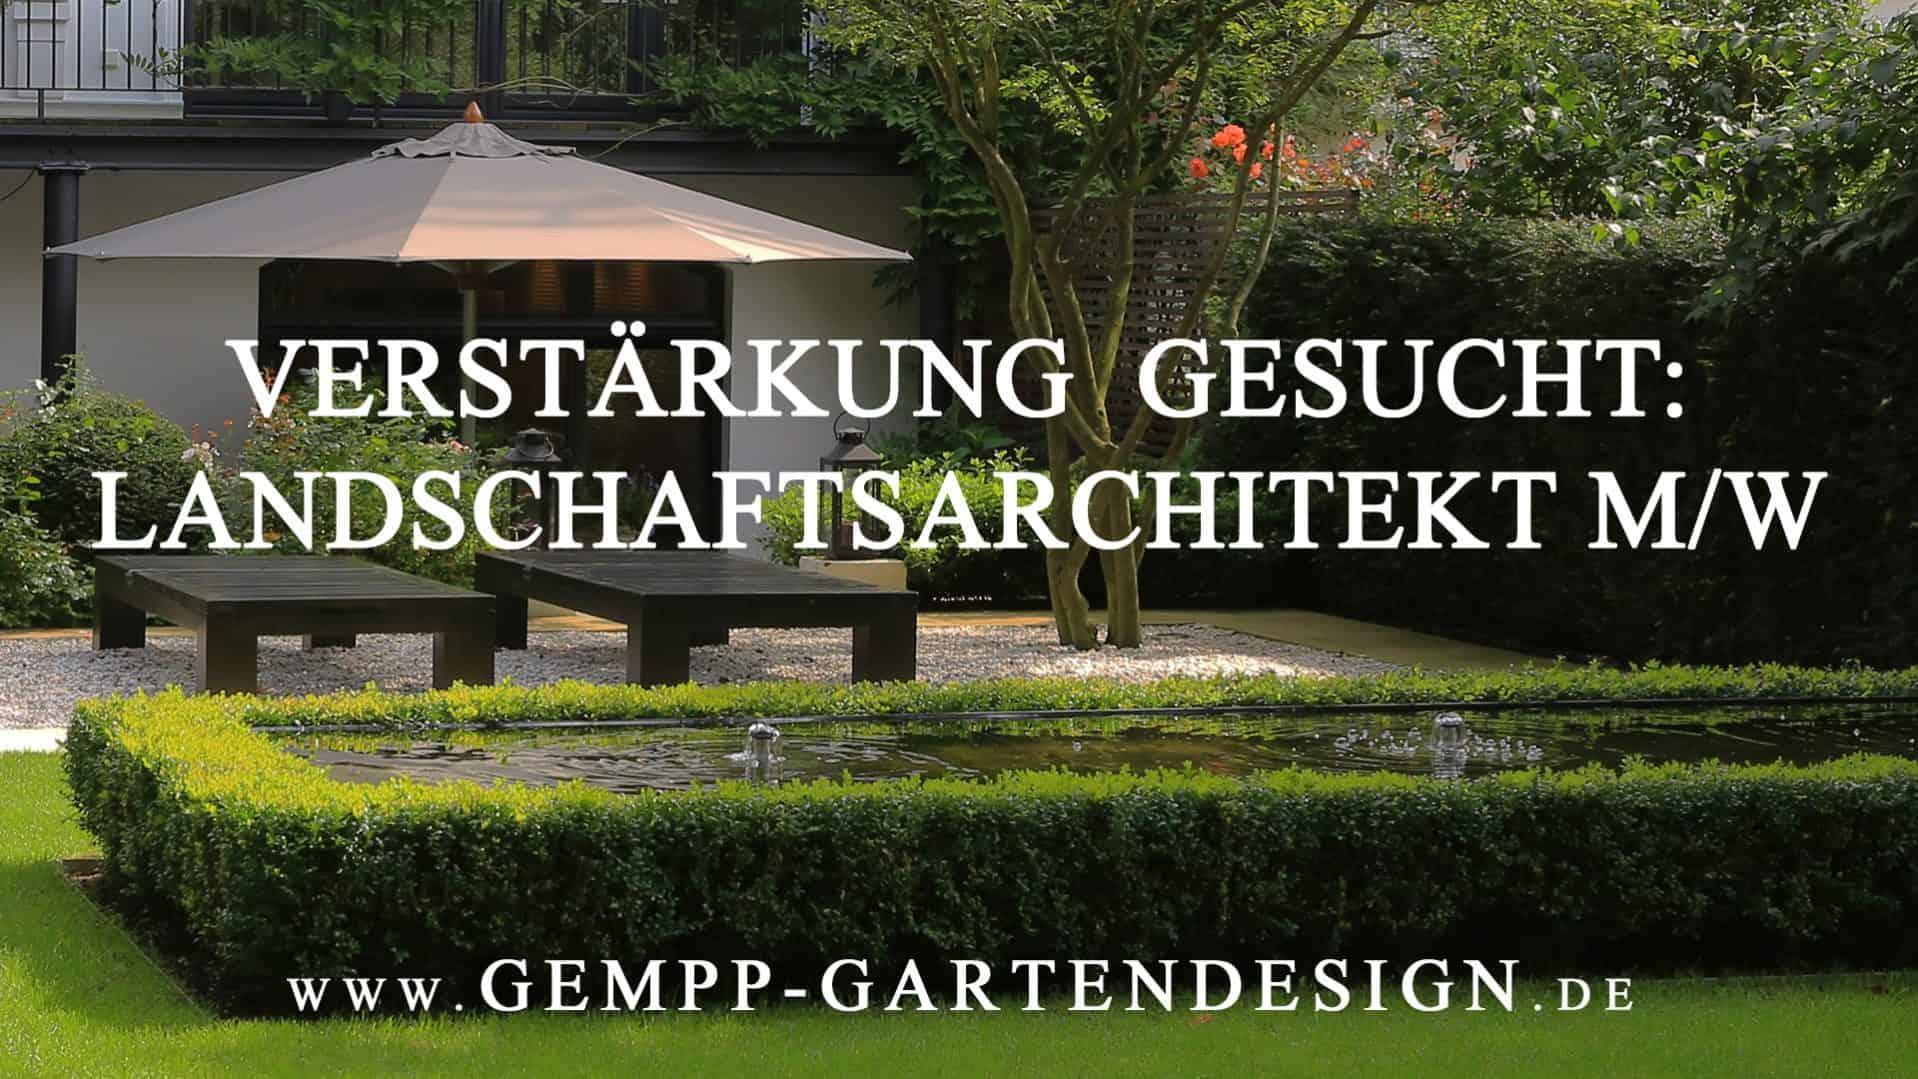 Landschaftsarchitekt Hamburg Stellenangebot Jochen Gempp